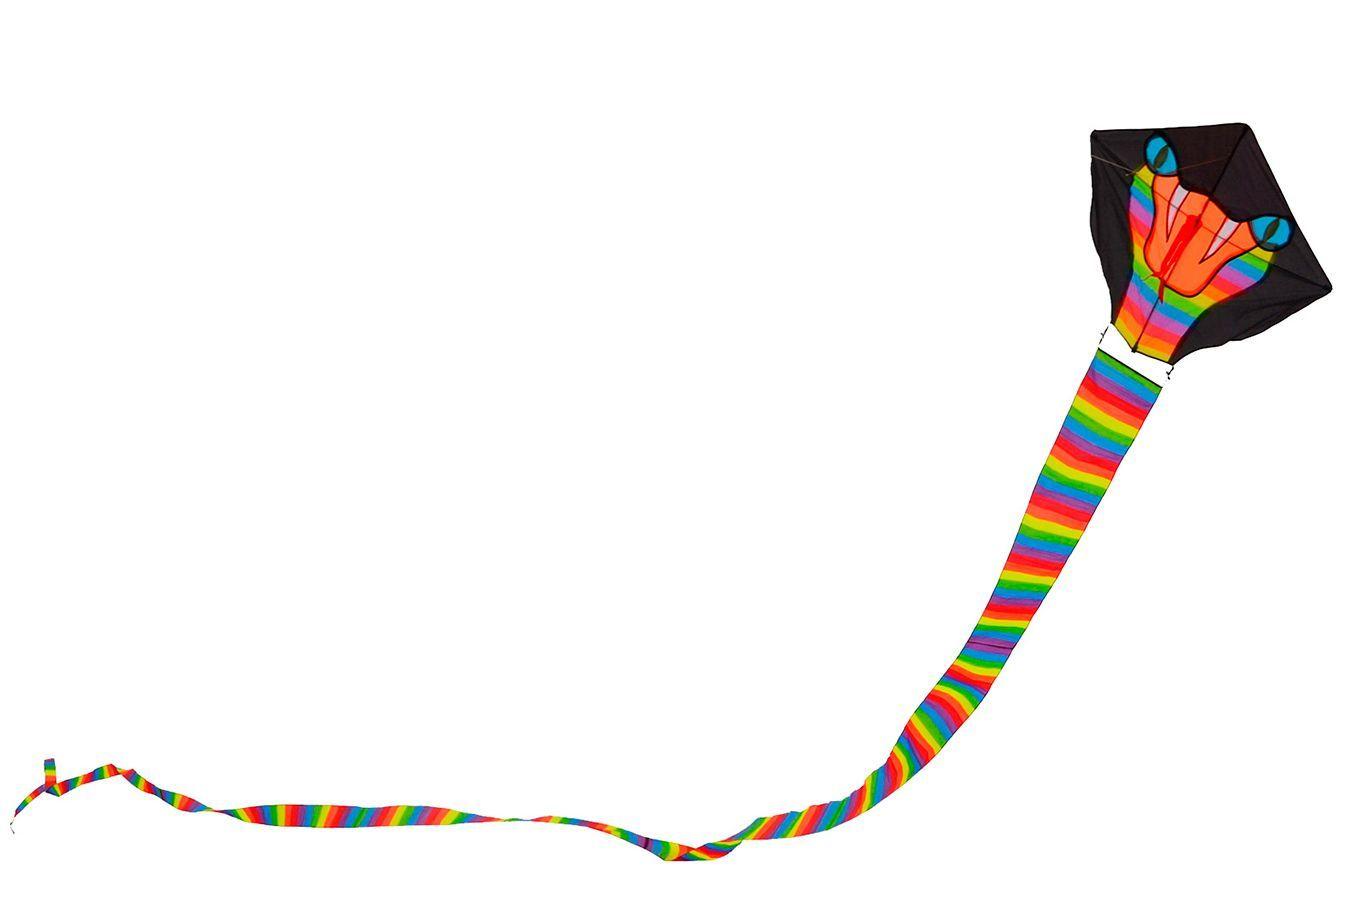 Змей воздушный Gran Serpiente Большая Змея, 32 метра [ZB32GS]